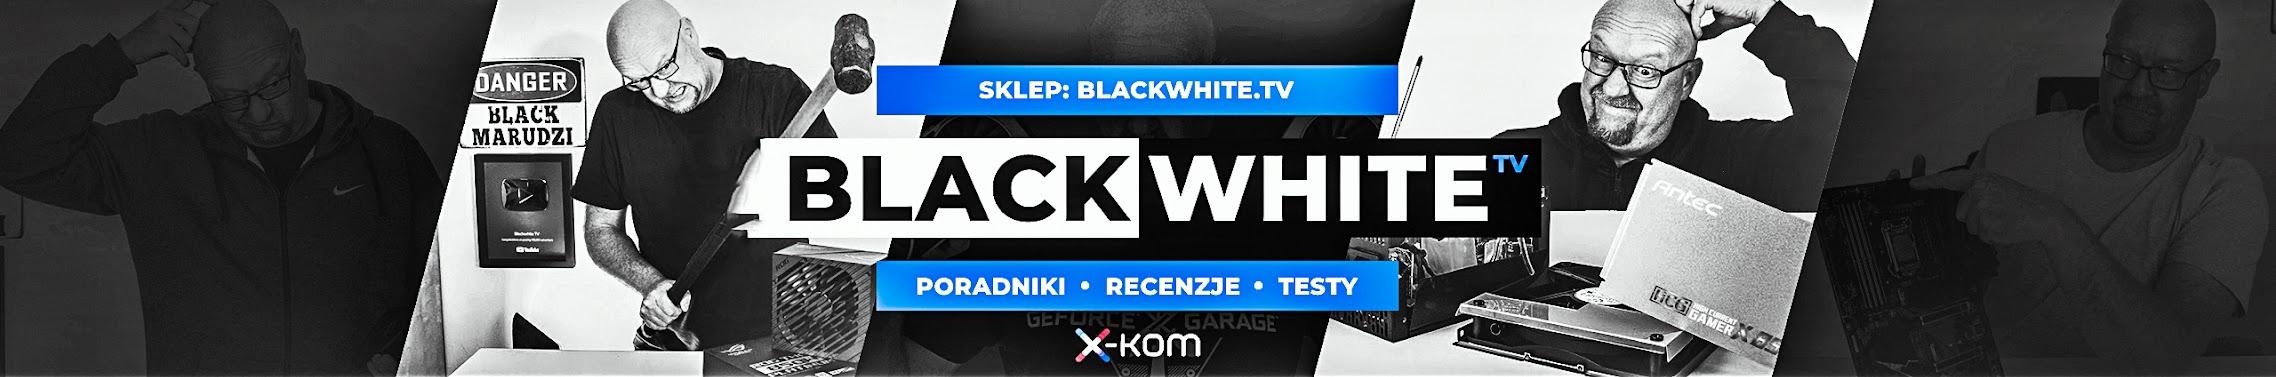 blackwhite TV